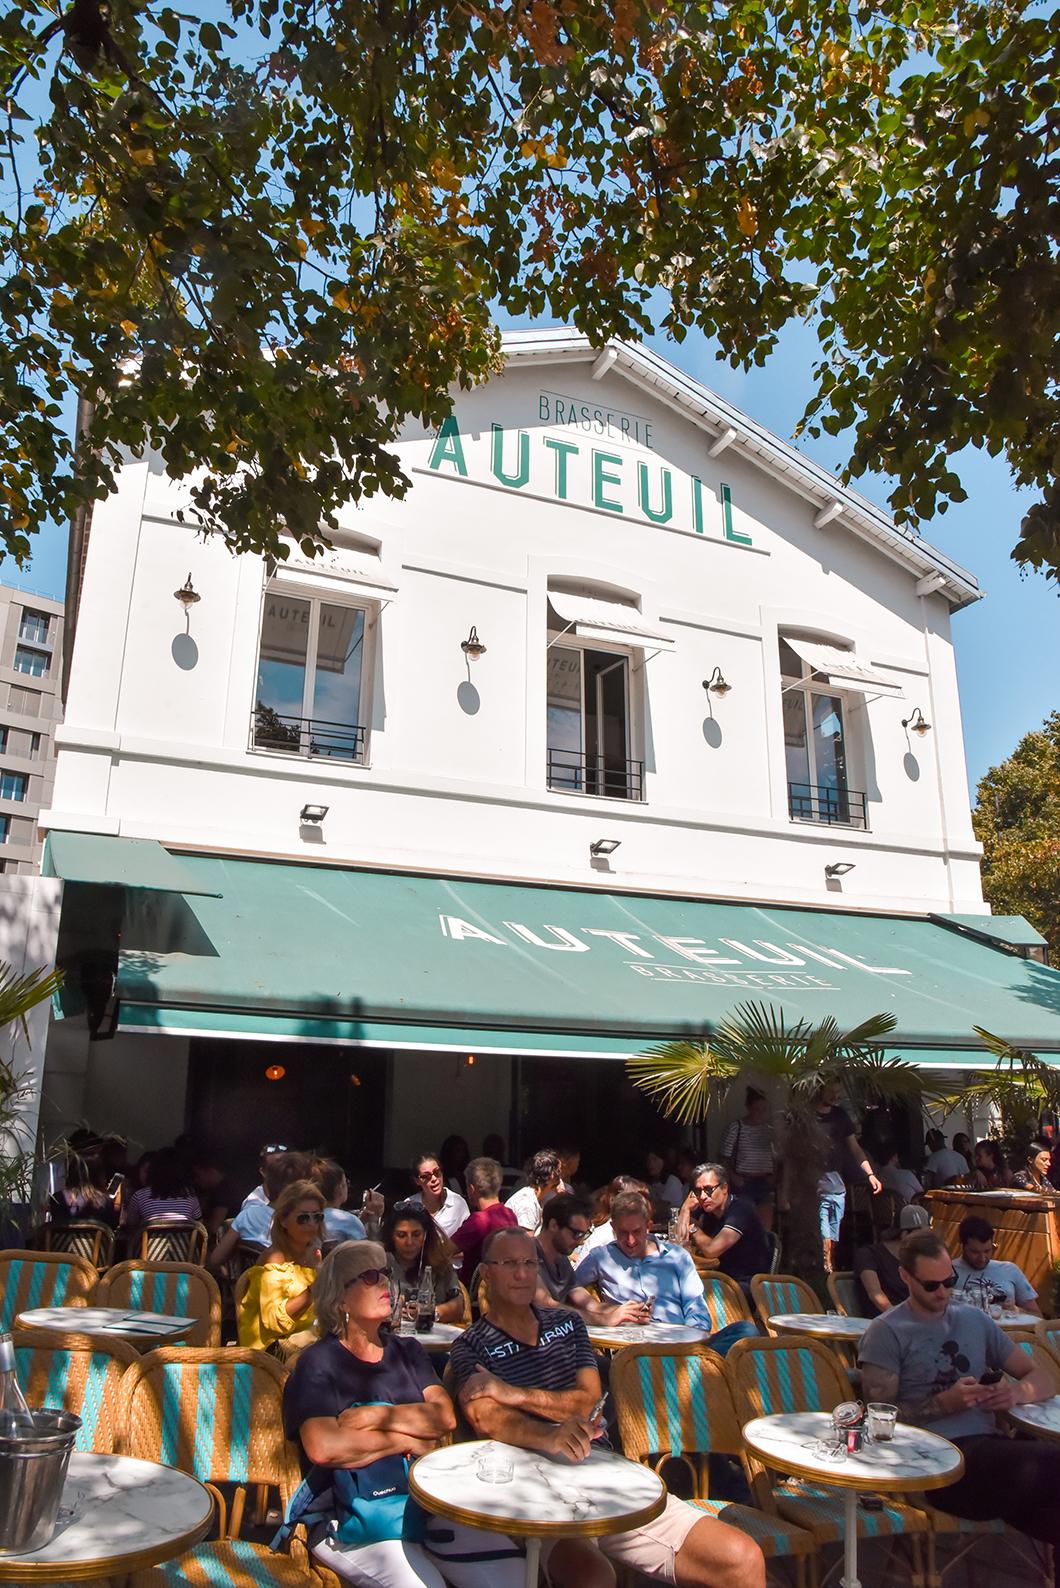 Déjeuner sur la terrasse de la Brasserie Auteuil à Paris